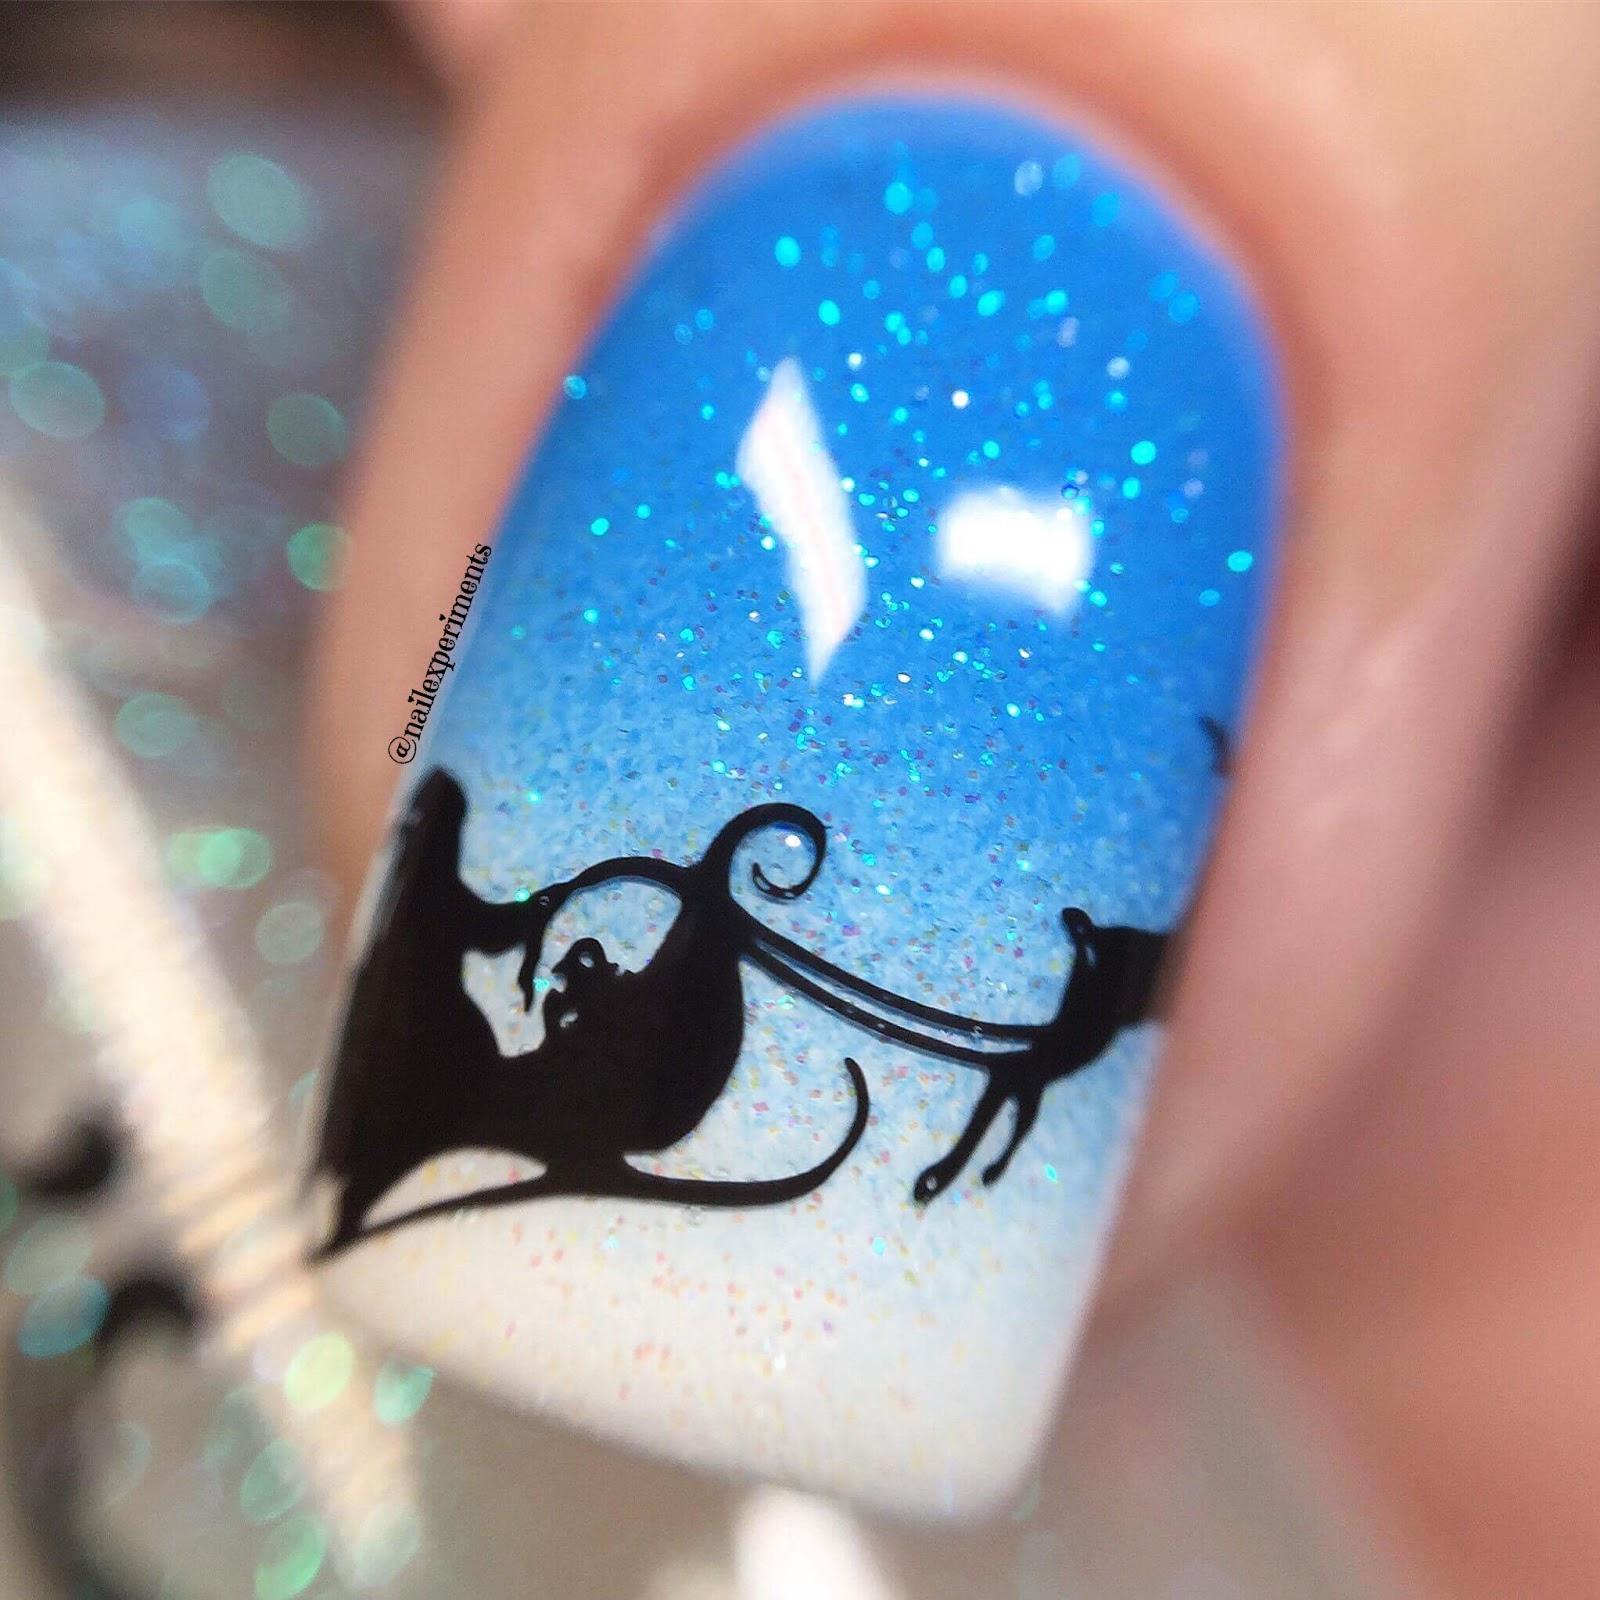 Nail Experiments Santa Claus Nail Art Video Tutorial